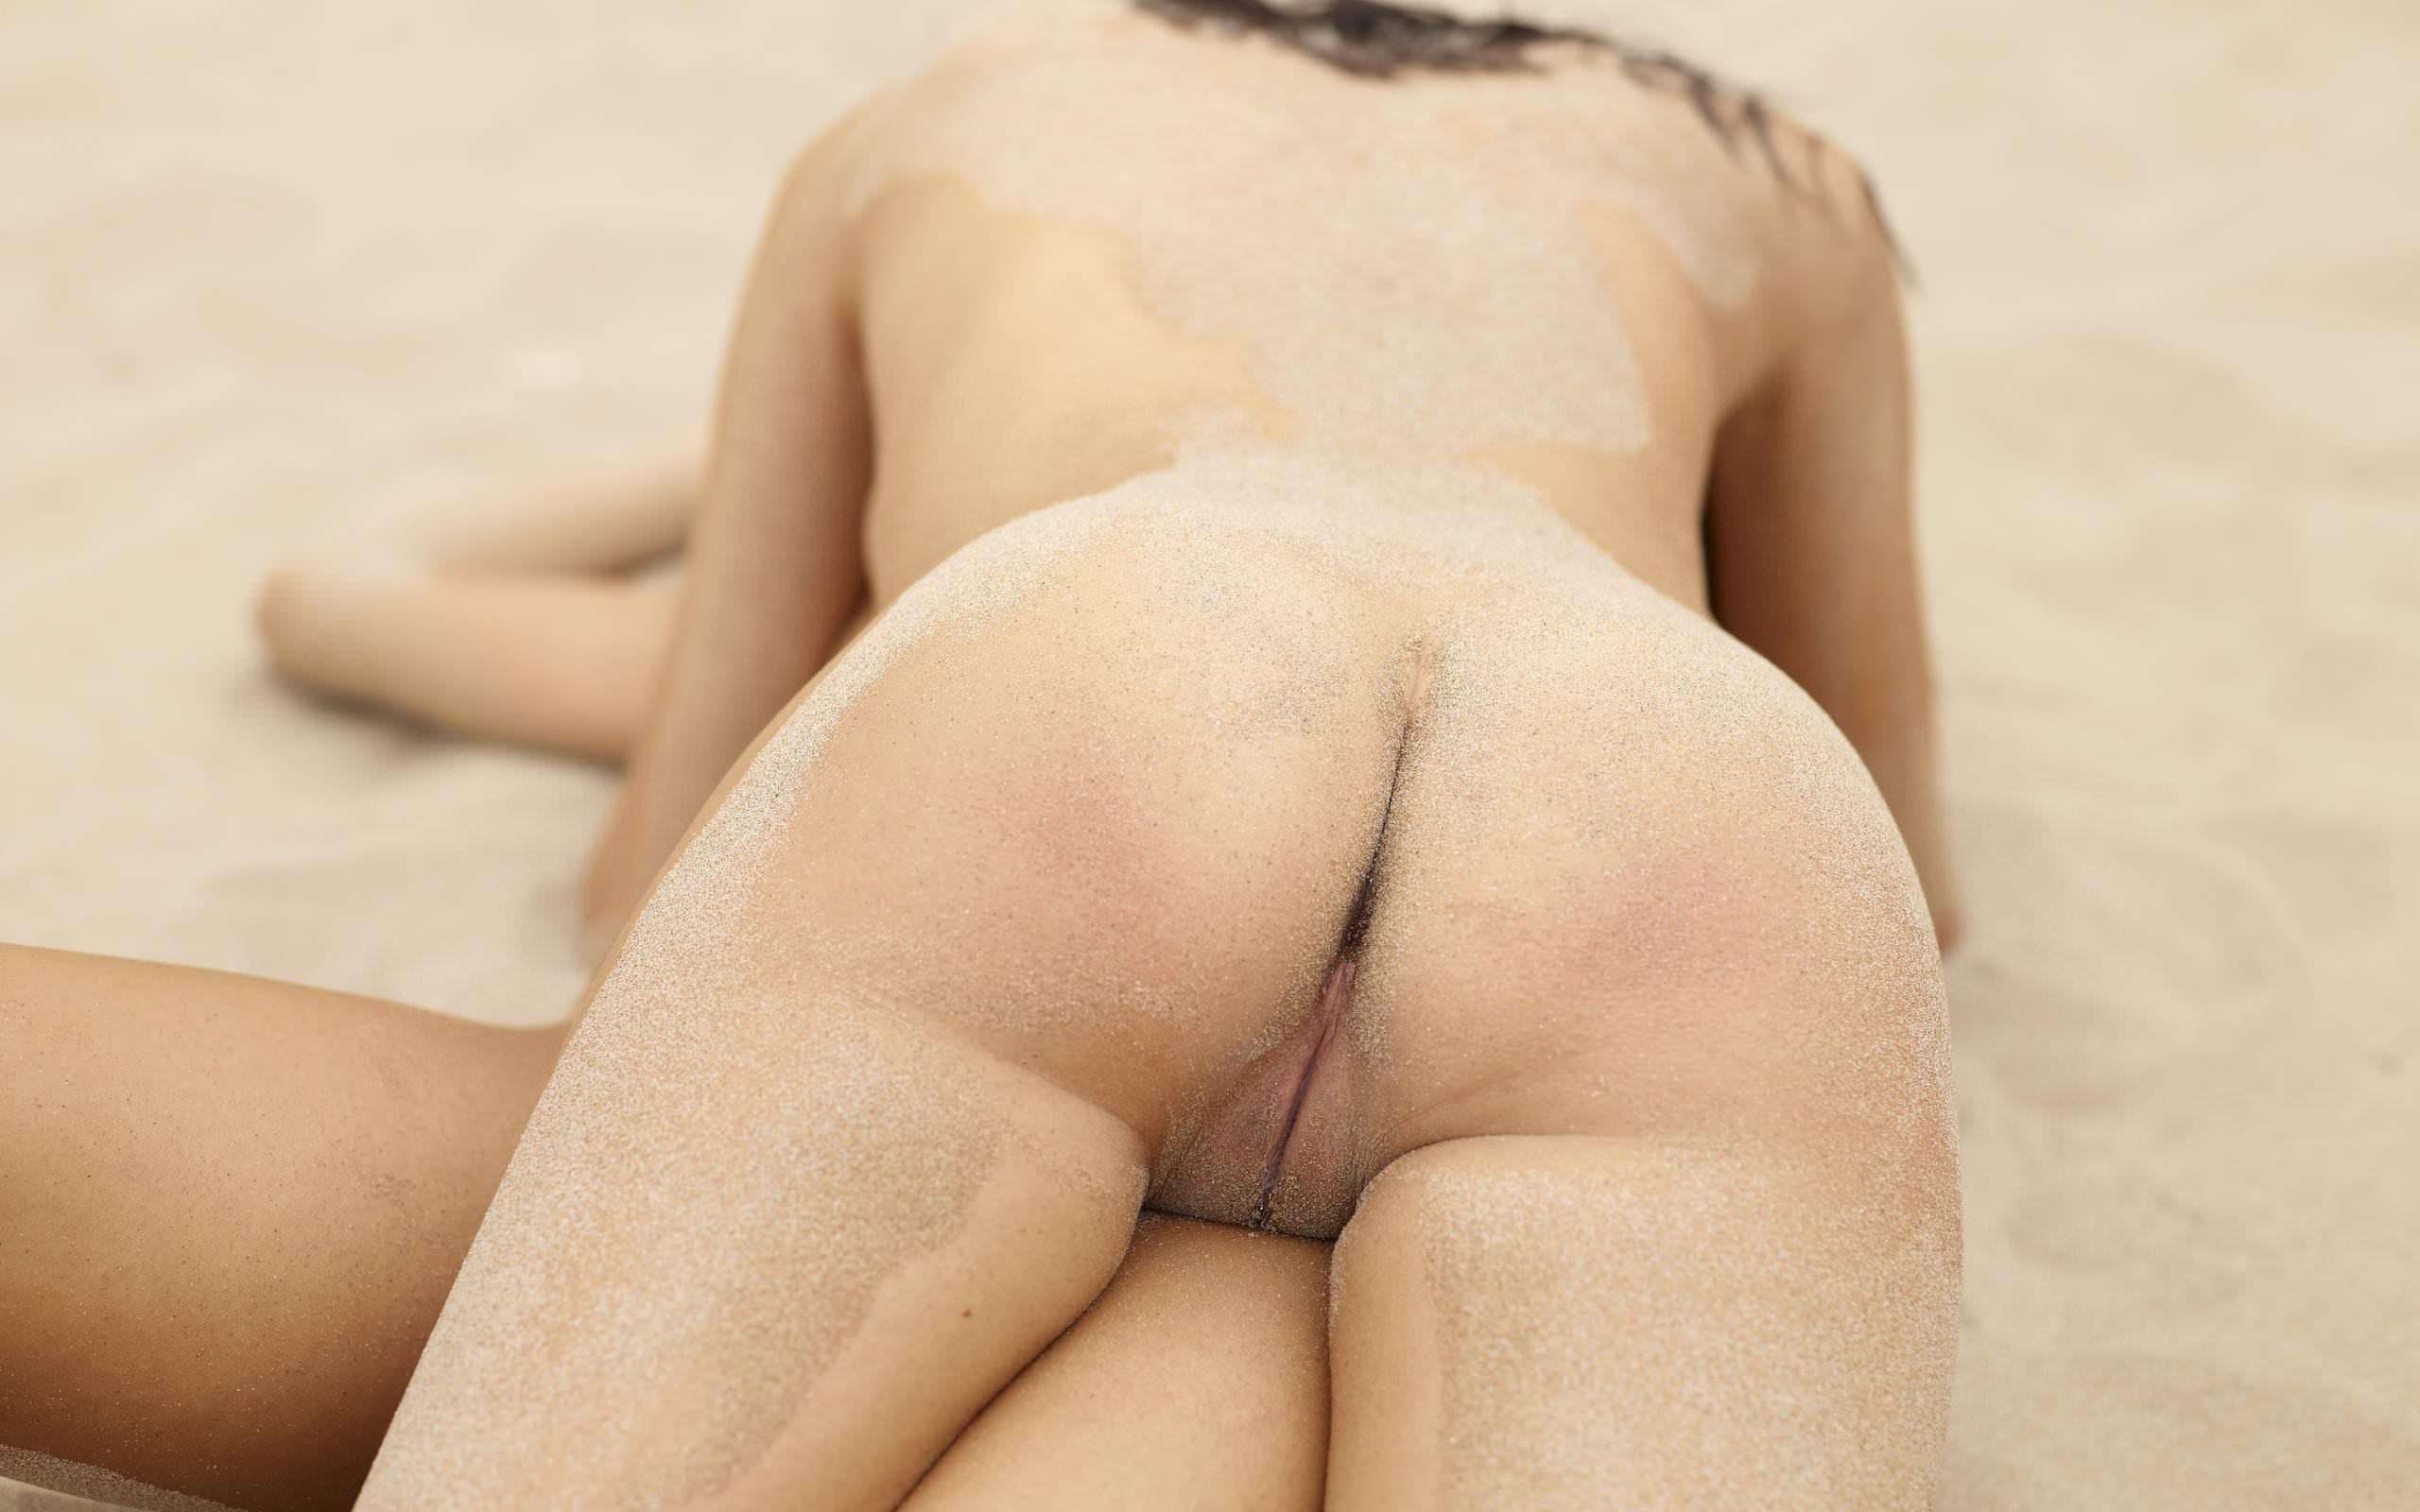 голые девушки в песке фото